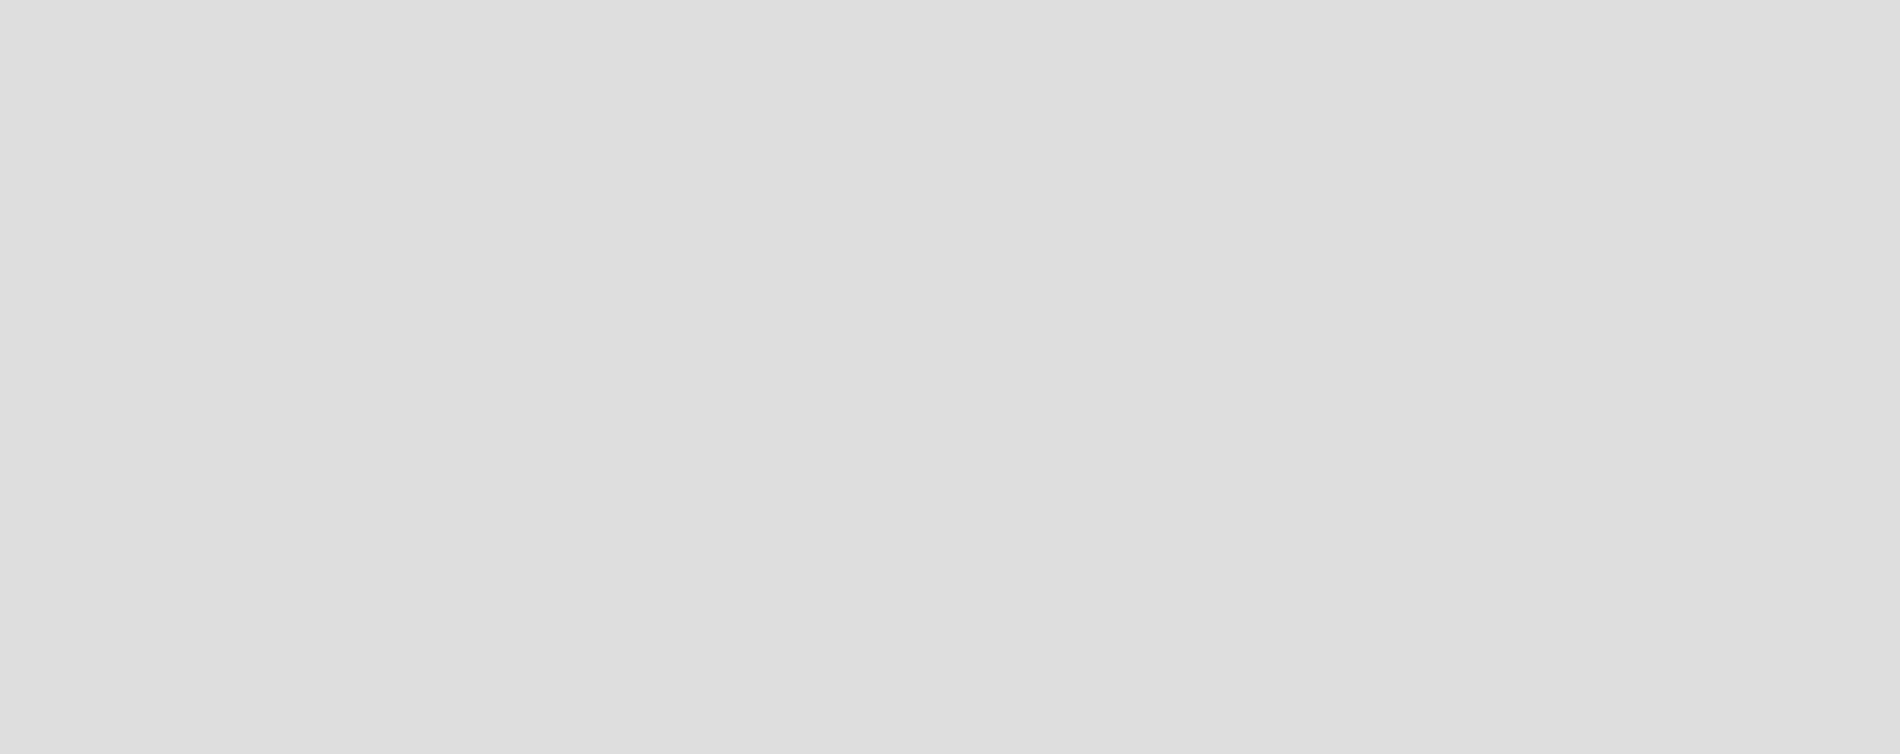 Maison de retraite verneuil sur seine 78 blitz blog for Achat maison verneuil sur seine